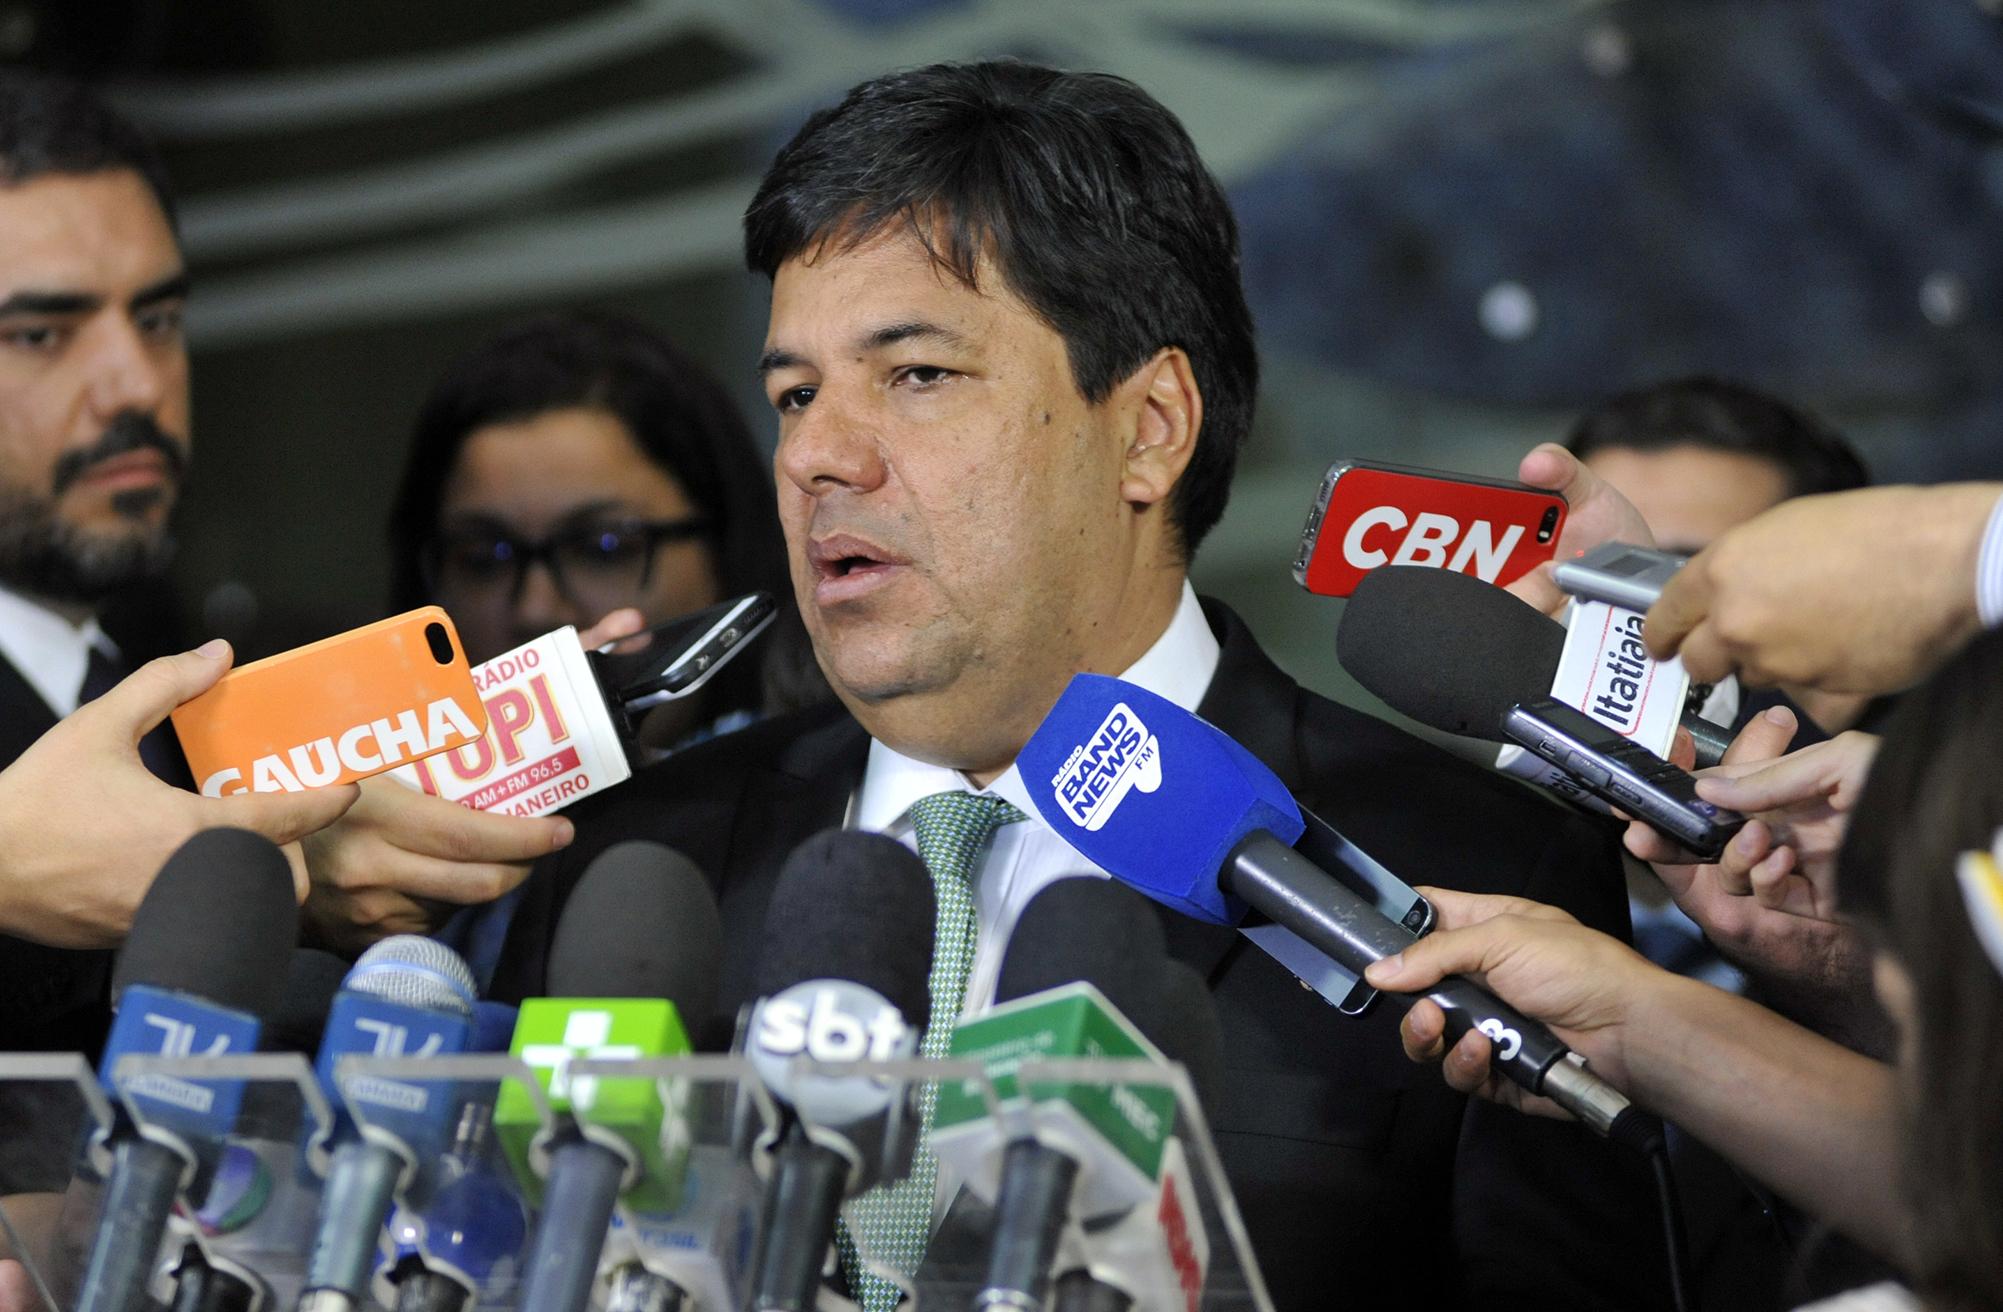 REFORMA DO ENSINO MÉDIO: Governo anuncia nesta quinta-feira MP sobre reforma no ensino médio